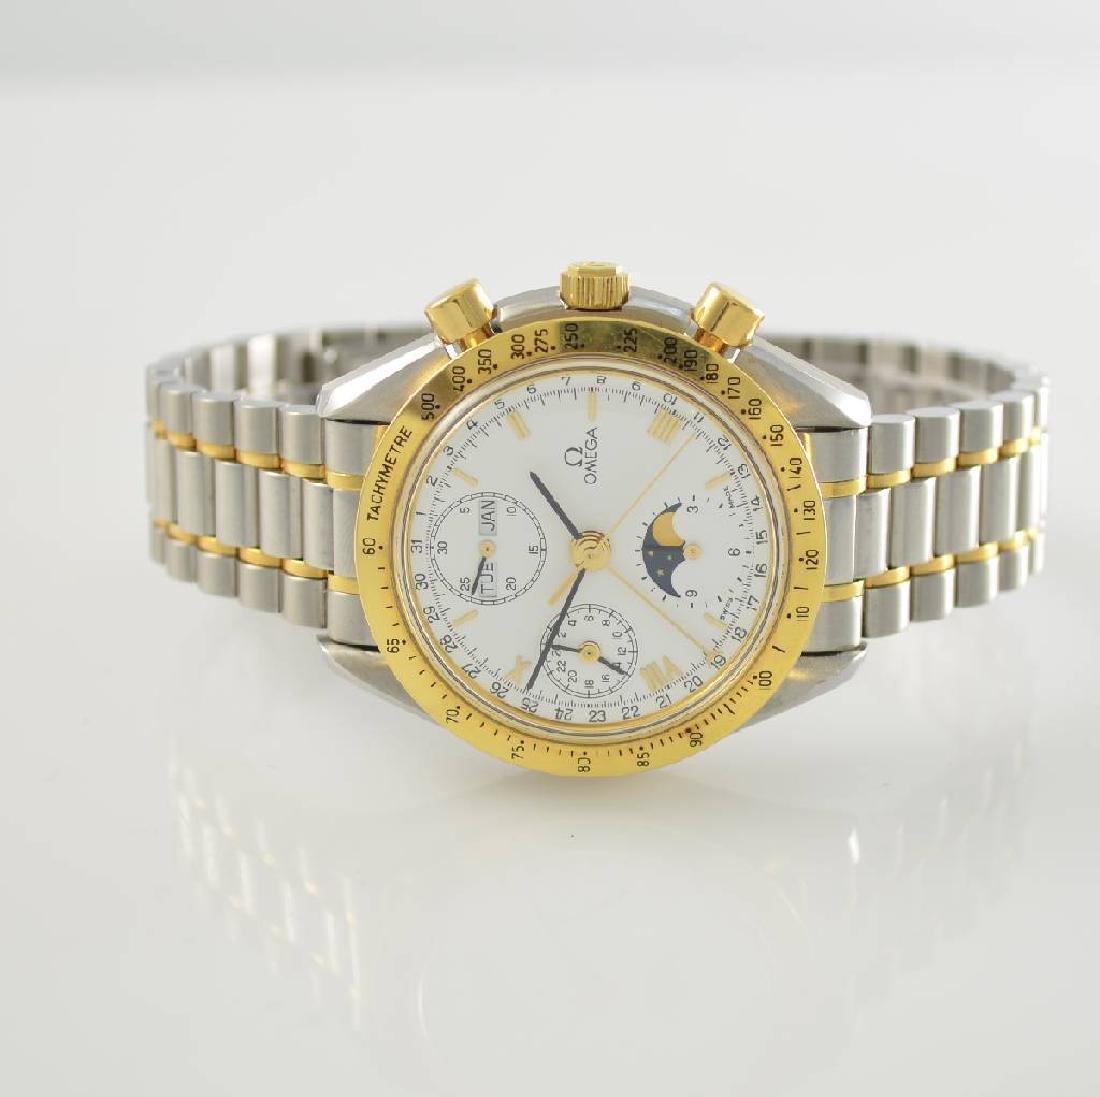 OMEGA Speedmaster Golden Gate wristwatch with